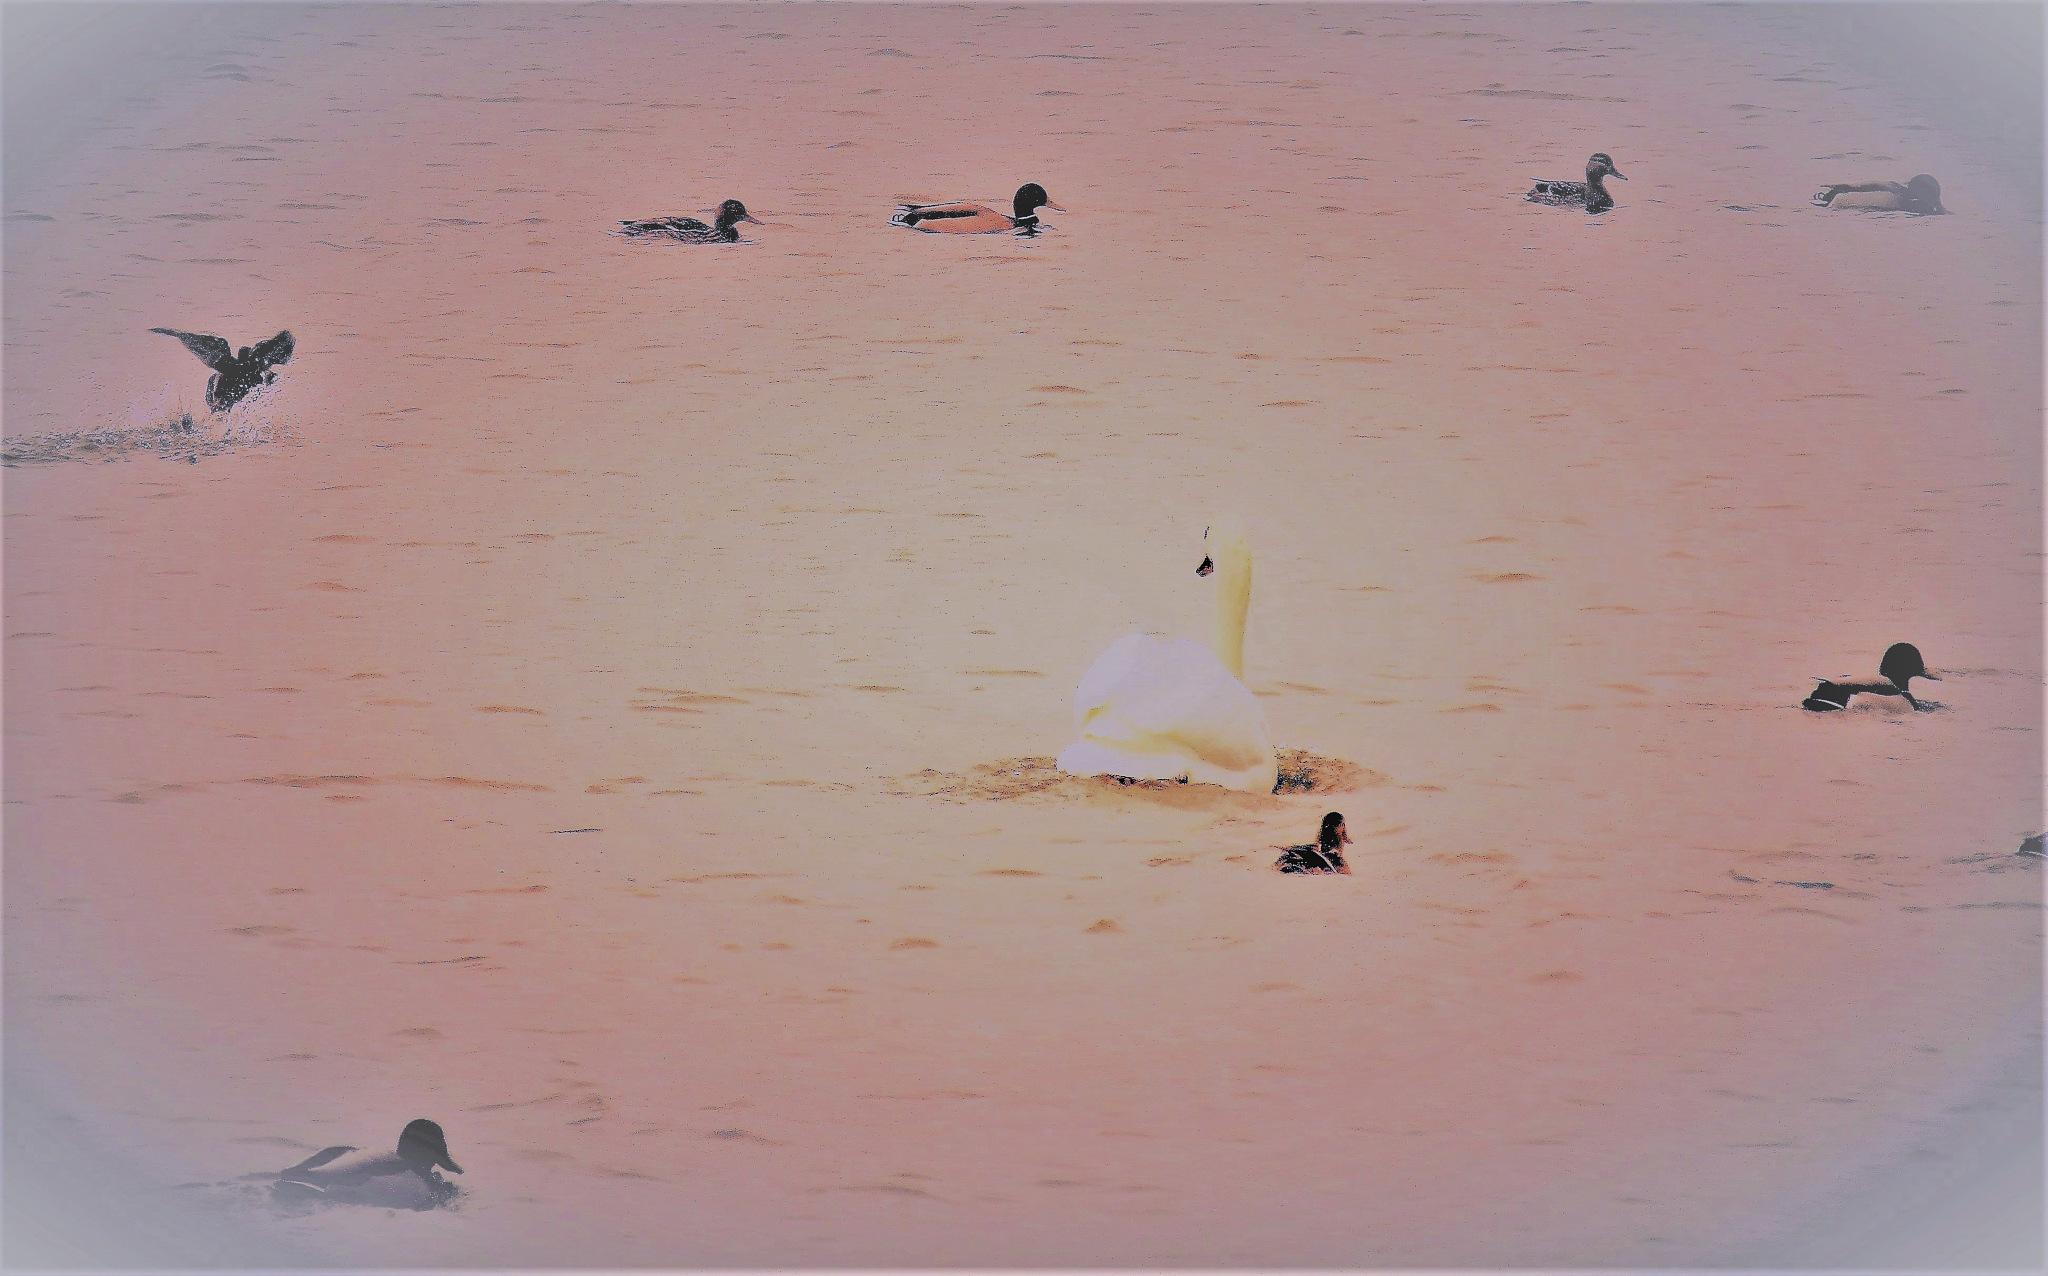 la coure by vigilicatherine